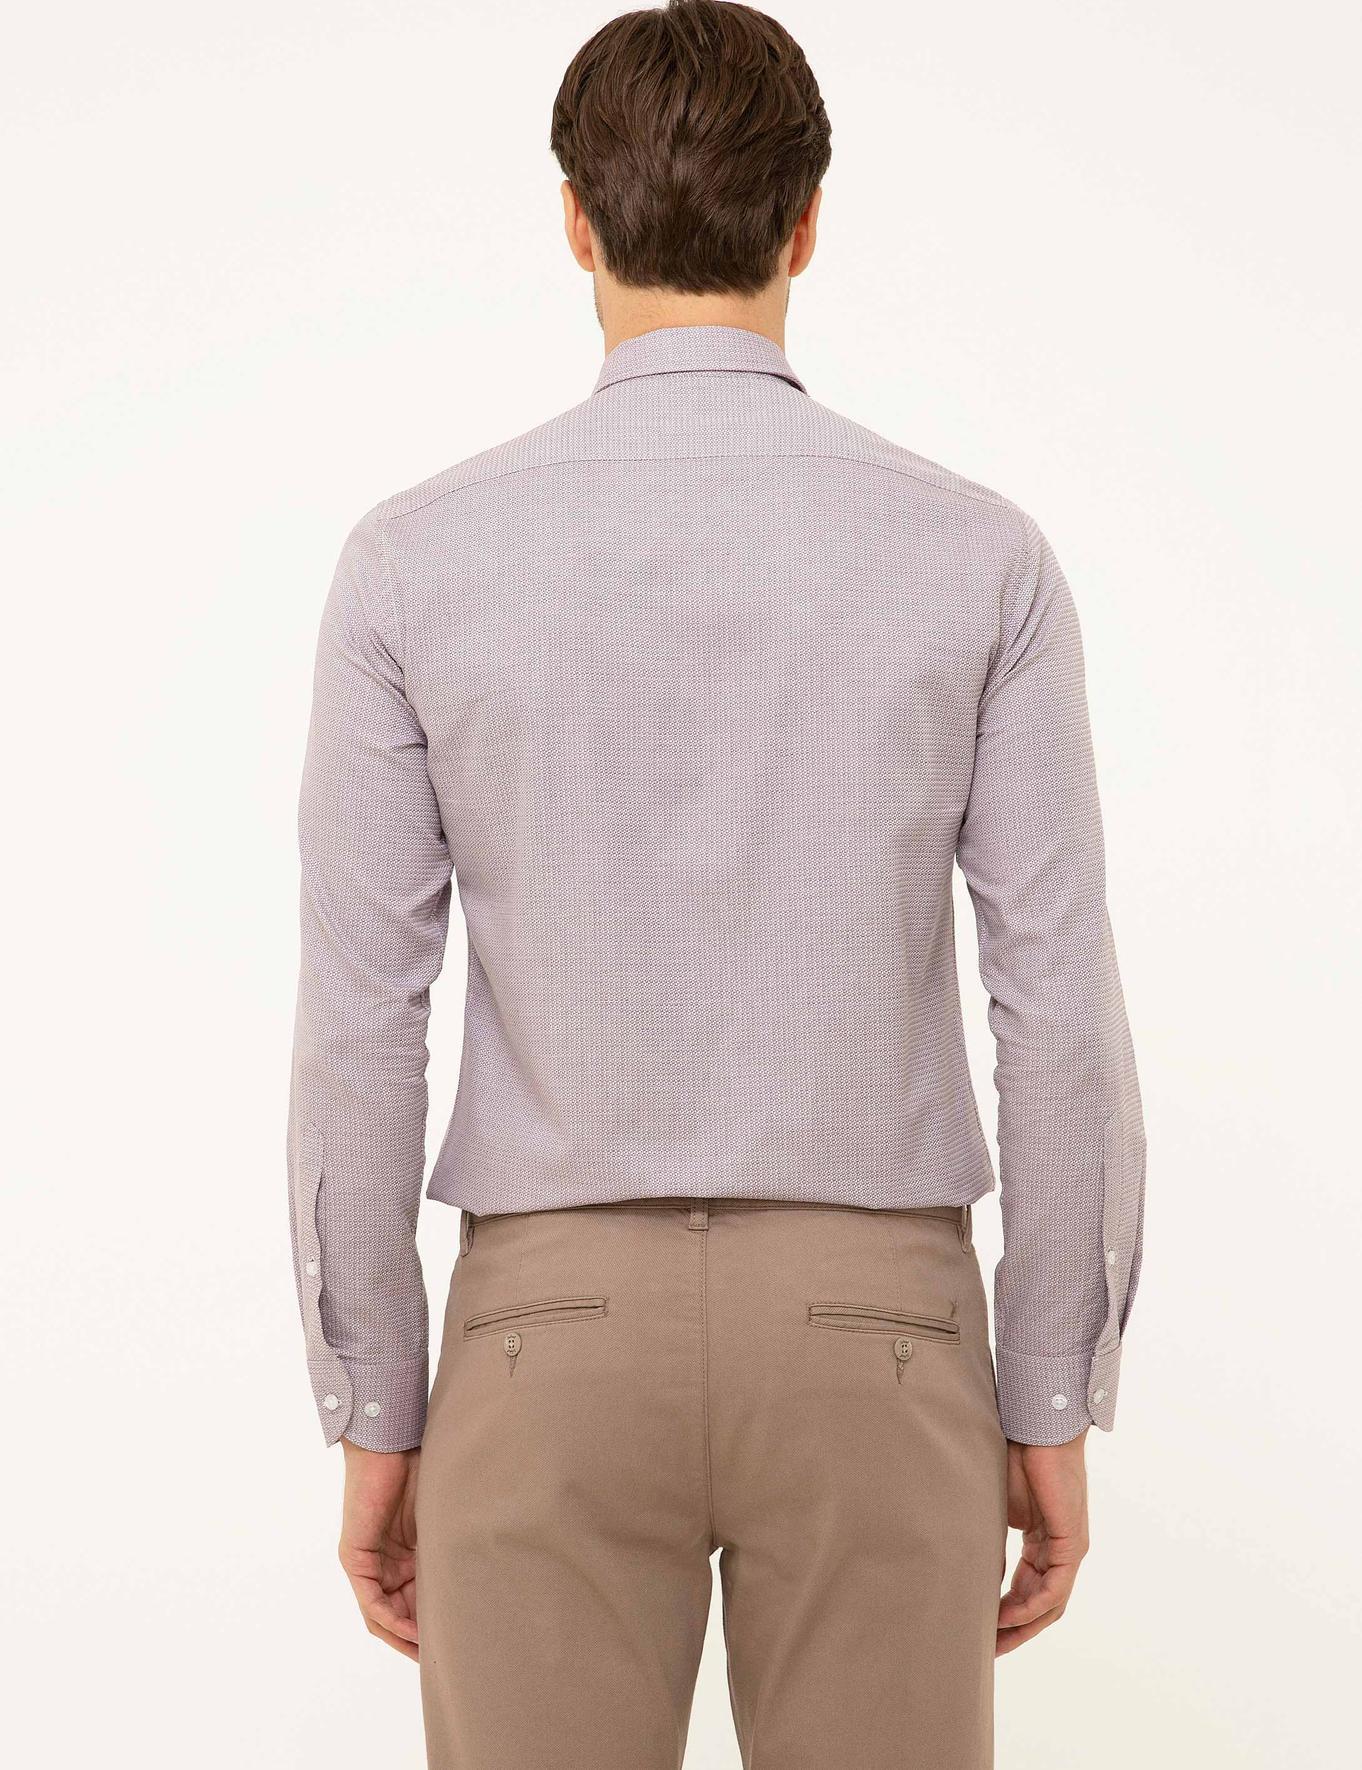 Pembe Slim Fit Gömlek - 50199295005